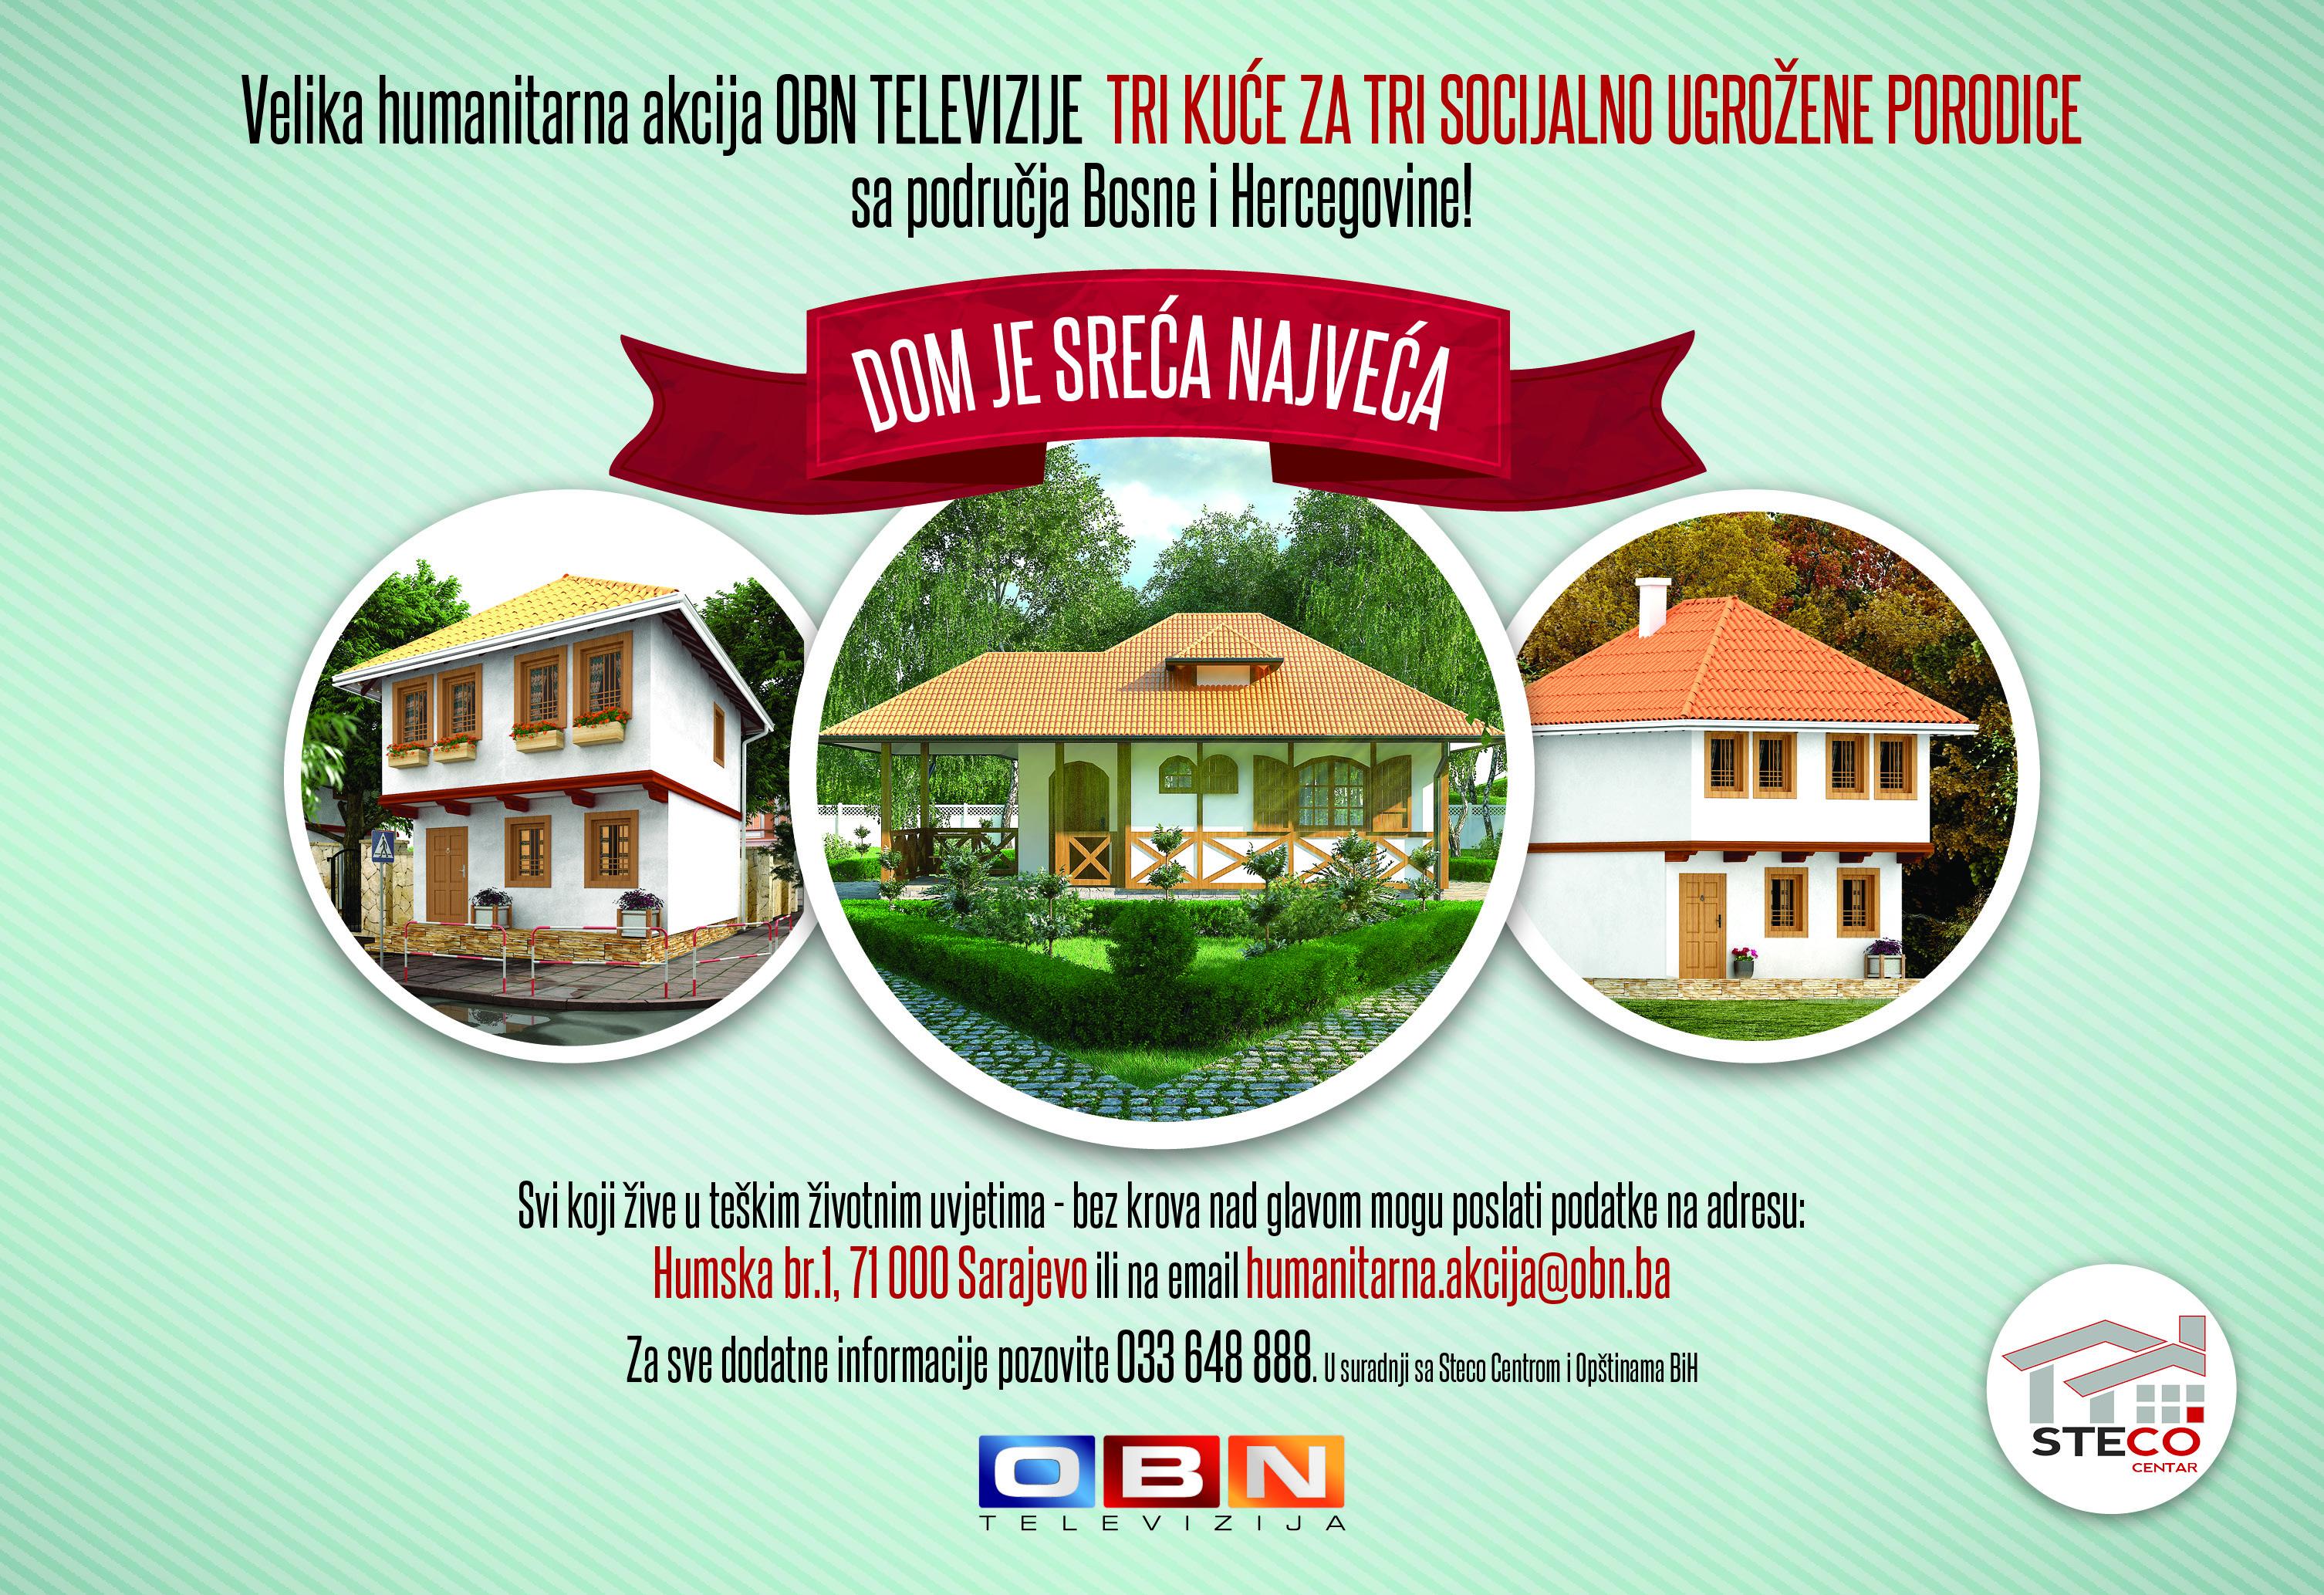 AKCIJA OBN TV: Dom je sreća najveća